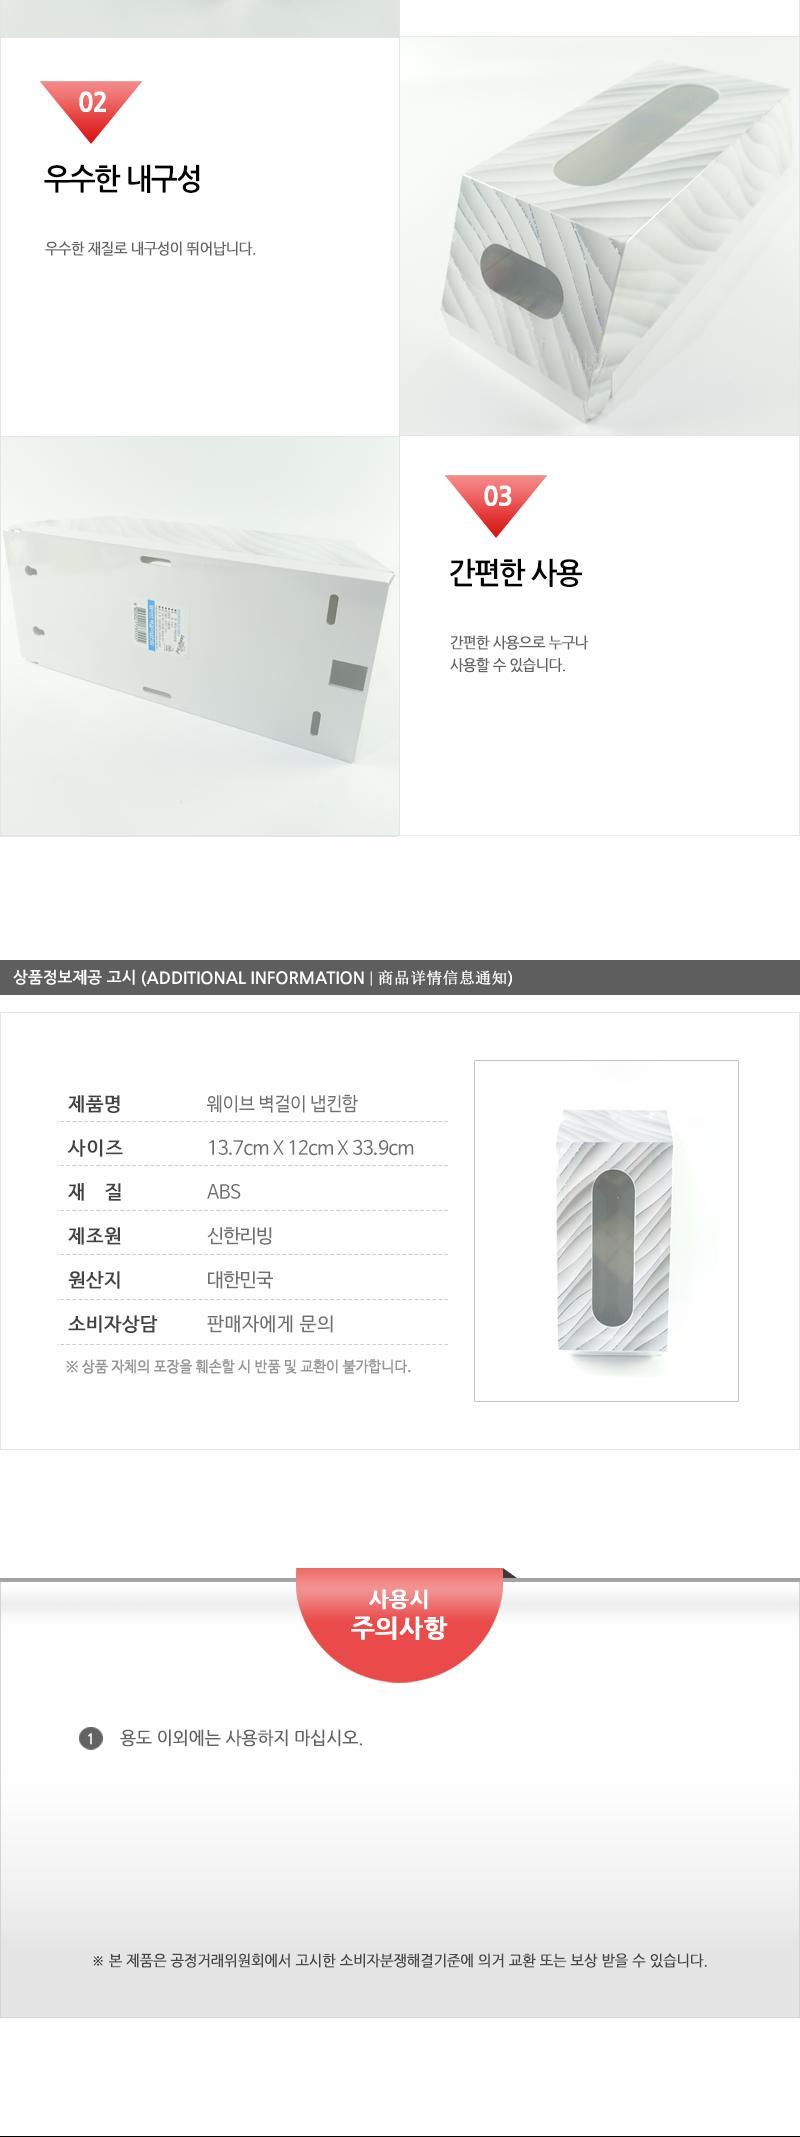 신한 웨이브 벽걸이 냅킨함 벽걸이냅킨함 걸이형냅킨 벽걸이냅킨함 걸이형냅킨함 인테리어냅킨함 냅킨수납함 휴지함